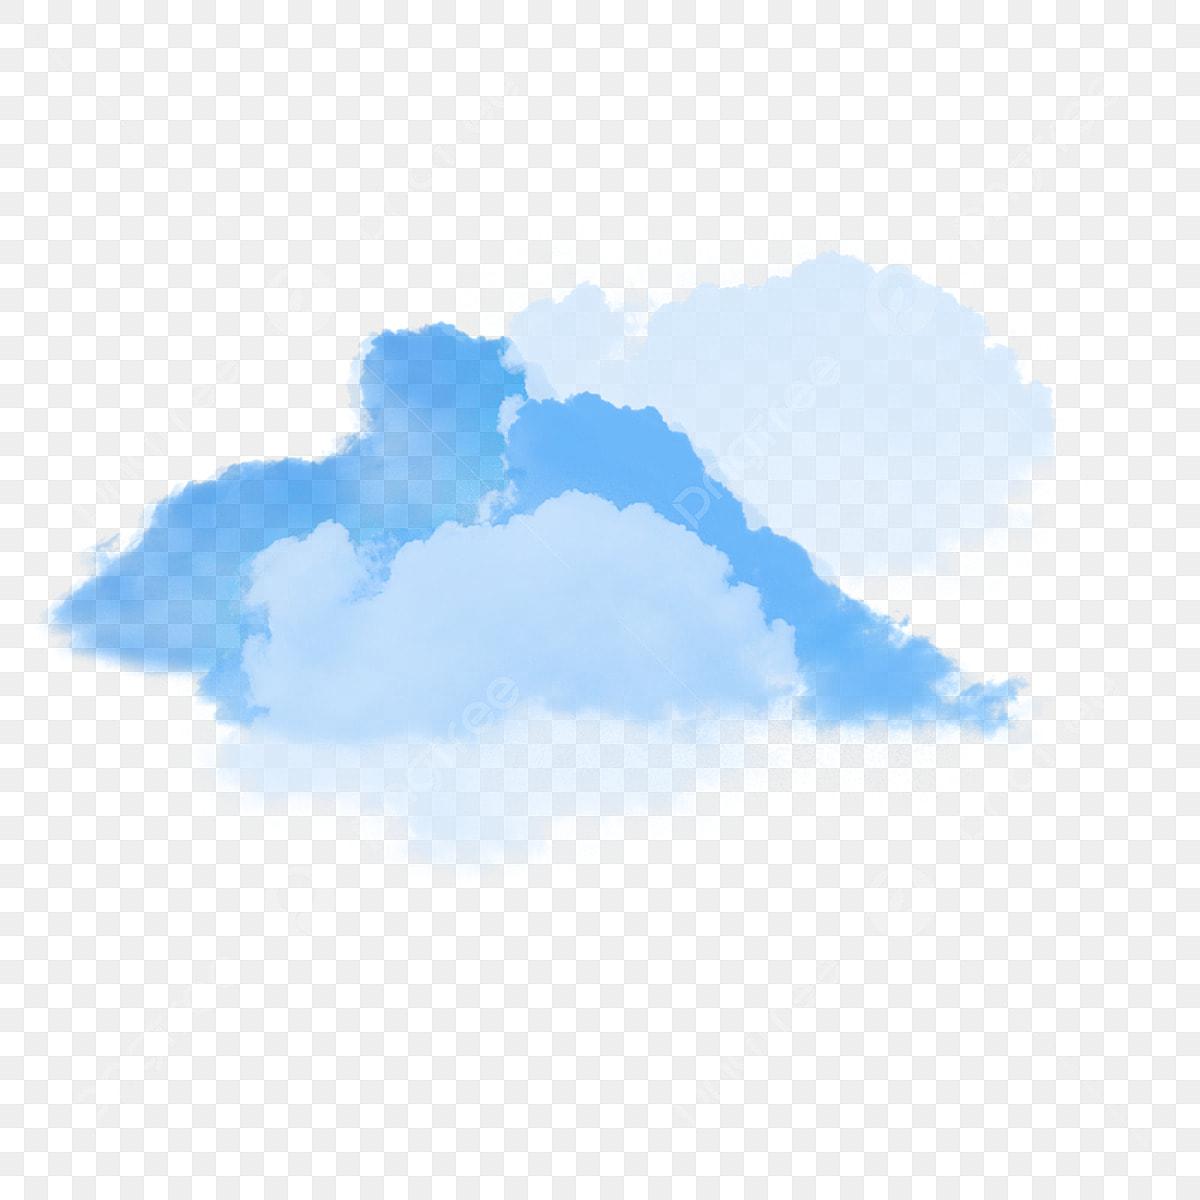 gambar putih awan cuaca mendung awan gelap hujan selepas hujan png dan psd untuk muat turun percuma pngtree